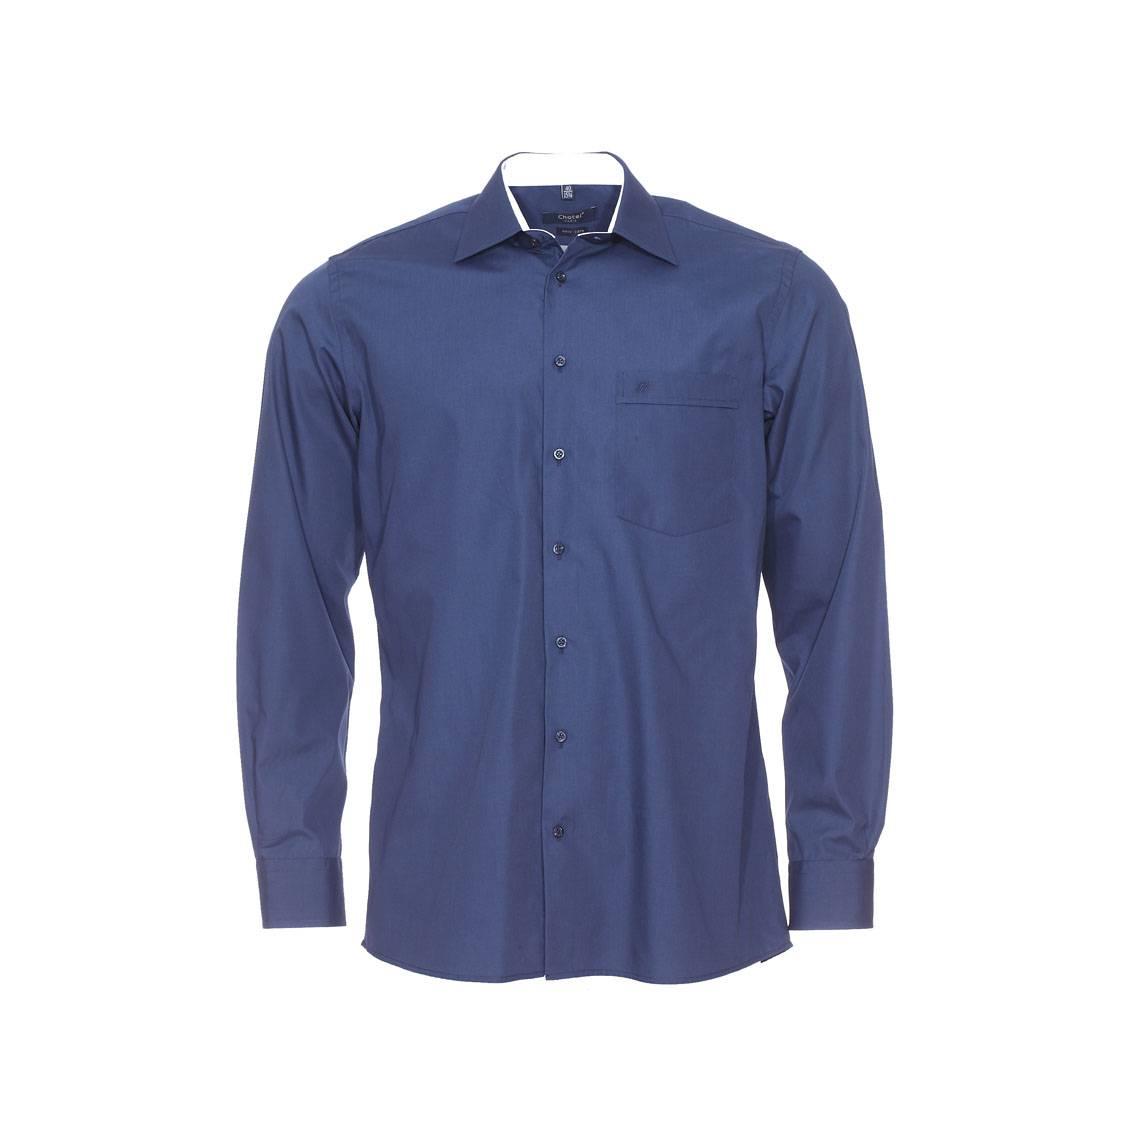 Chemise ajustée  bleu marine à opposition blanche à carreaux, repassage facile